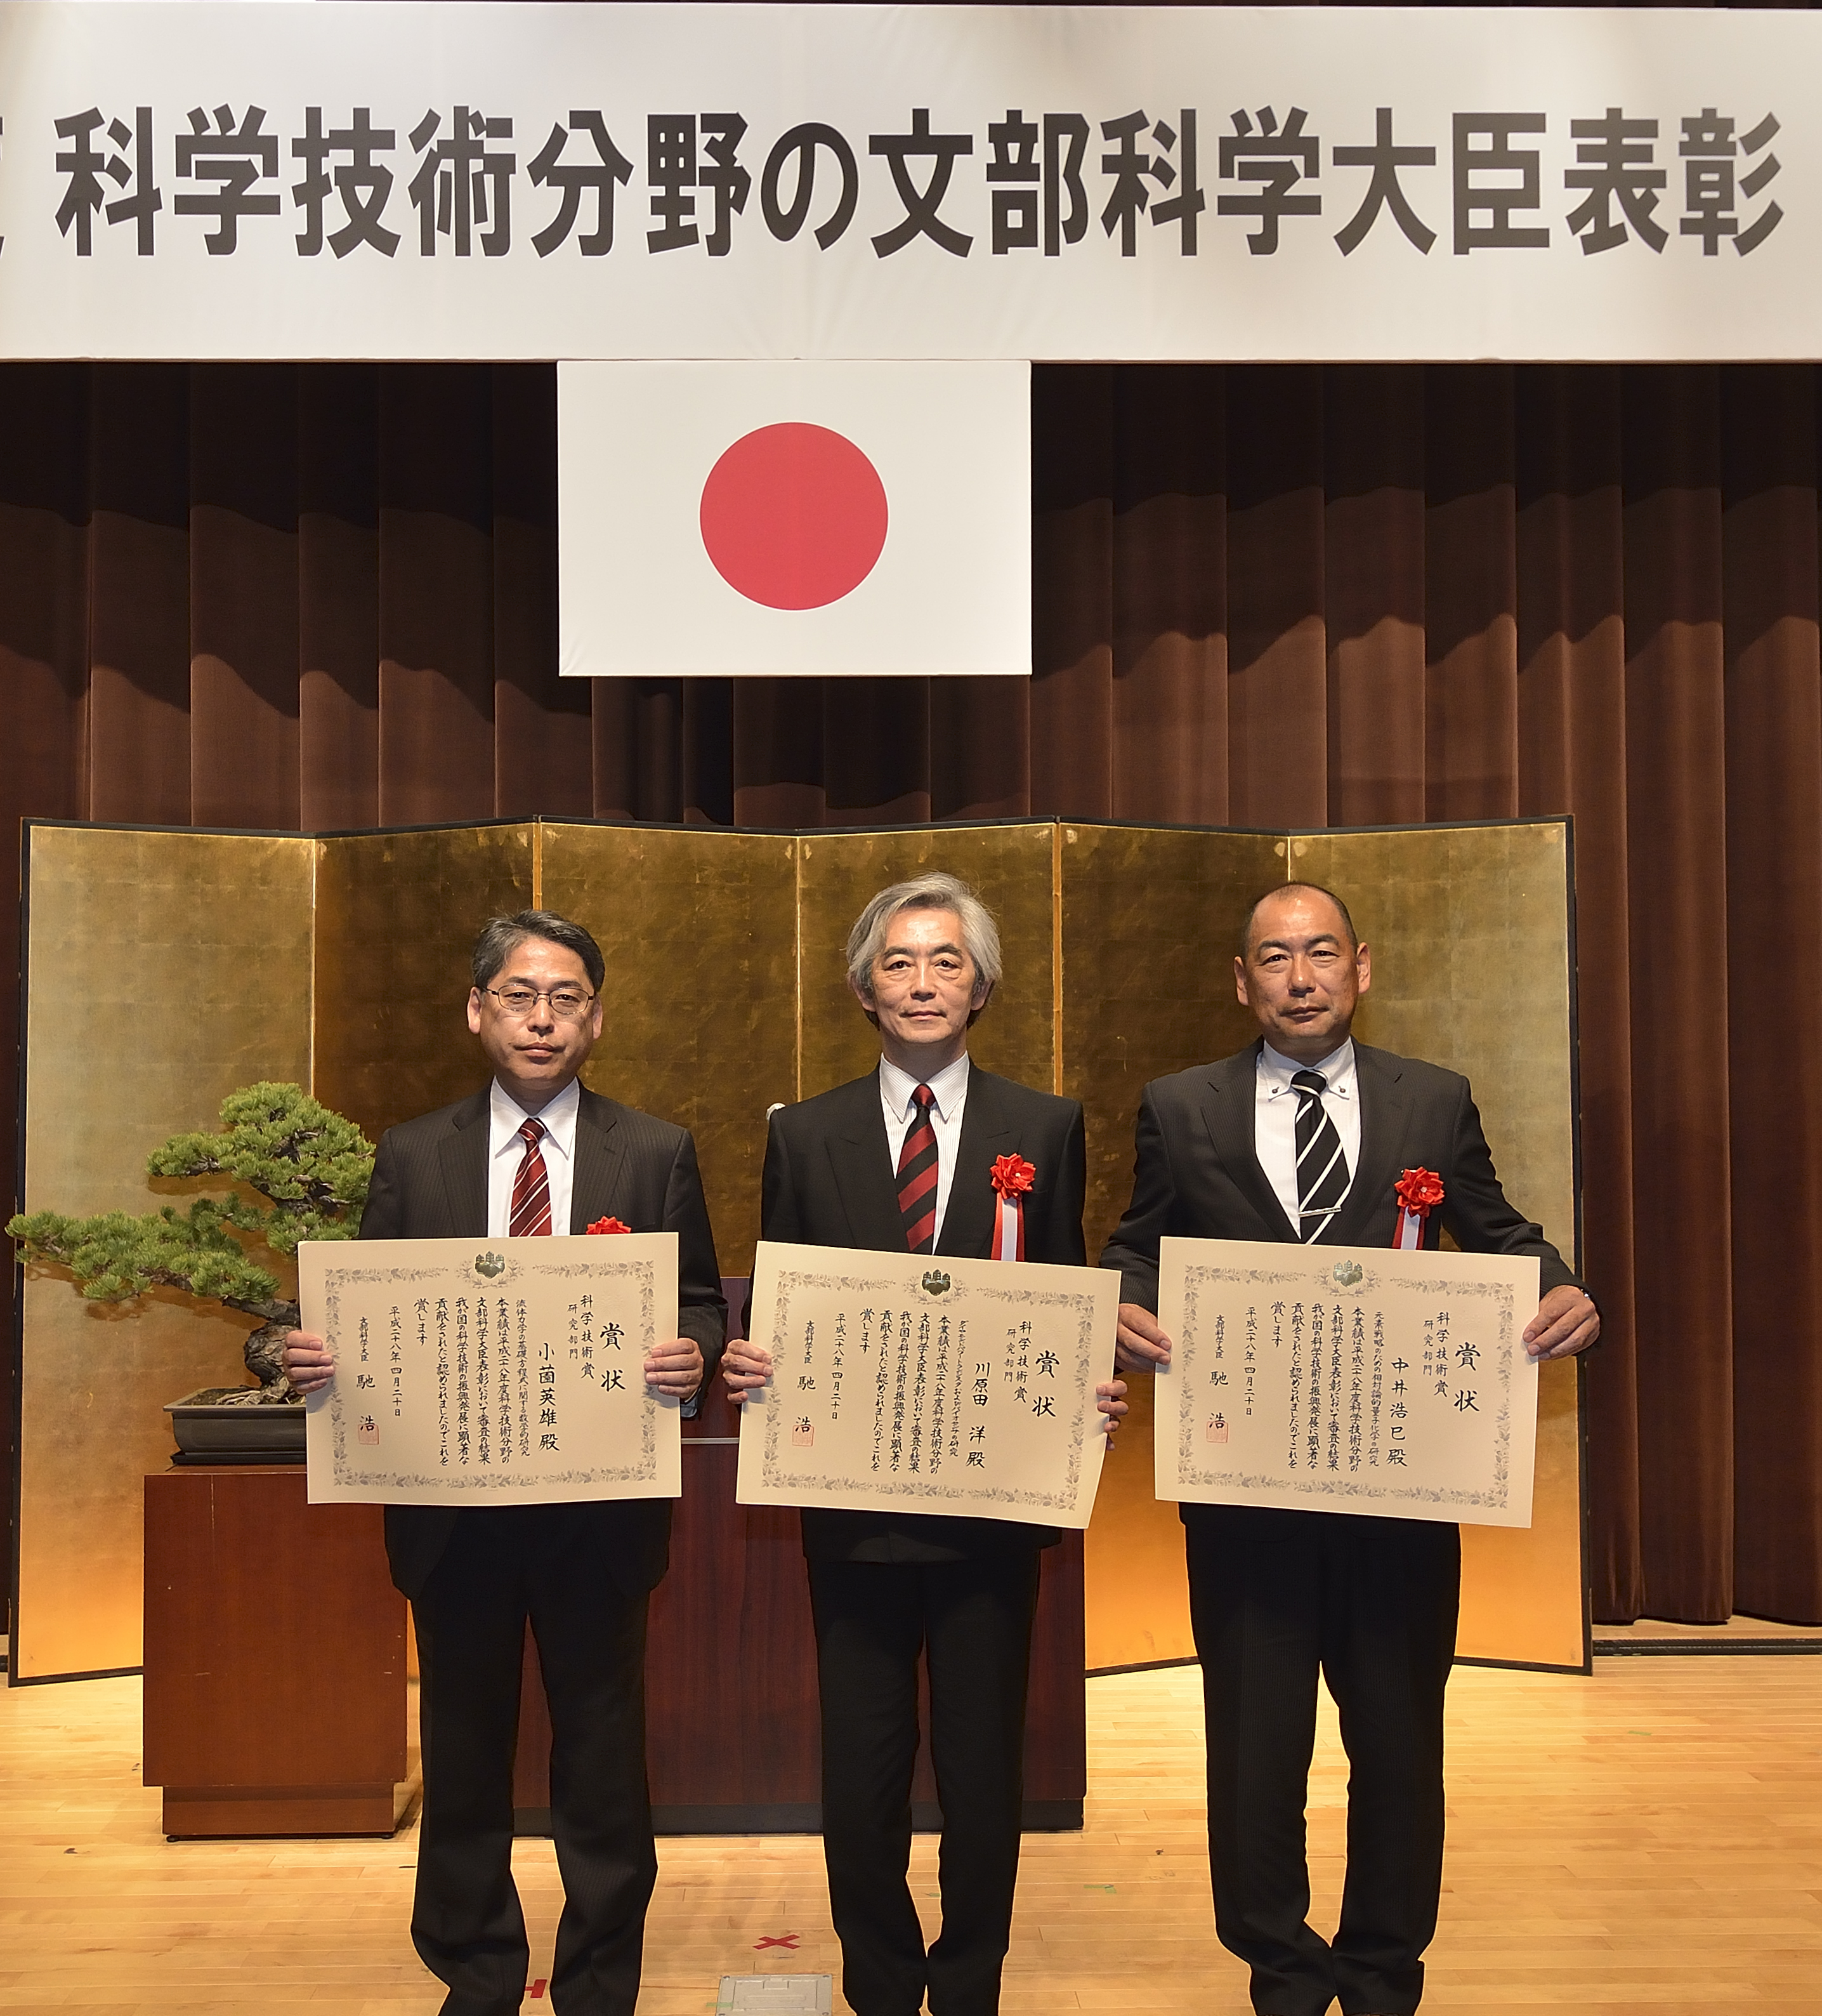 左から、小薗教授、川原田教授、中山教授